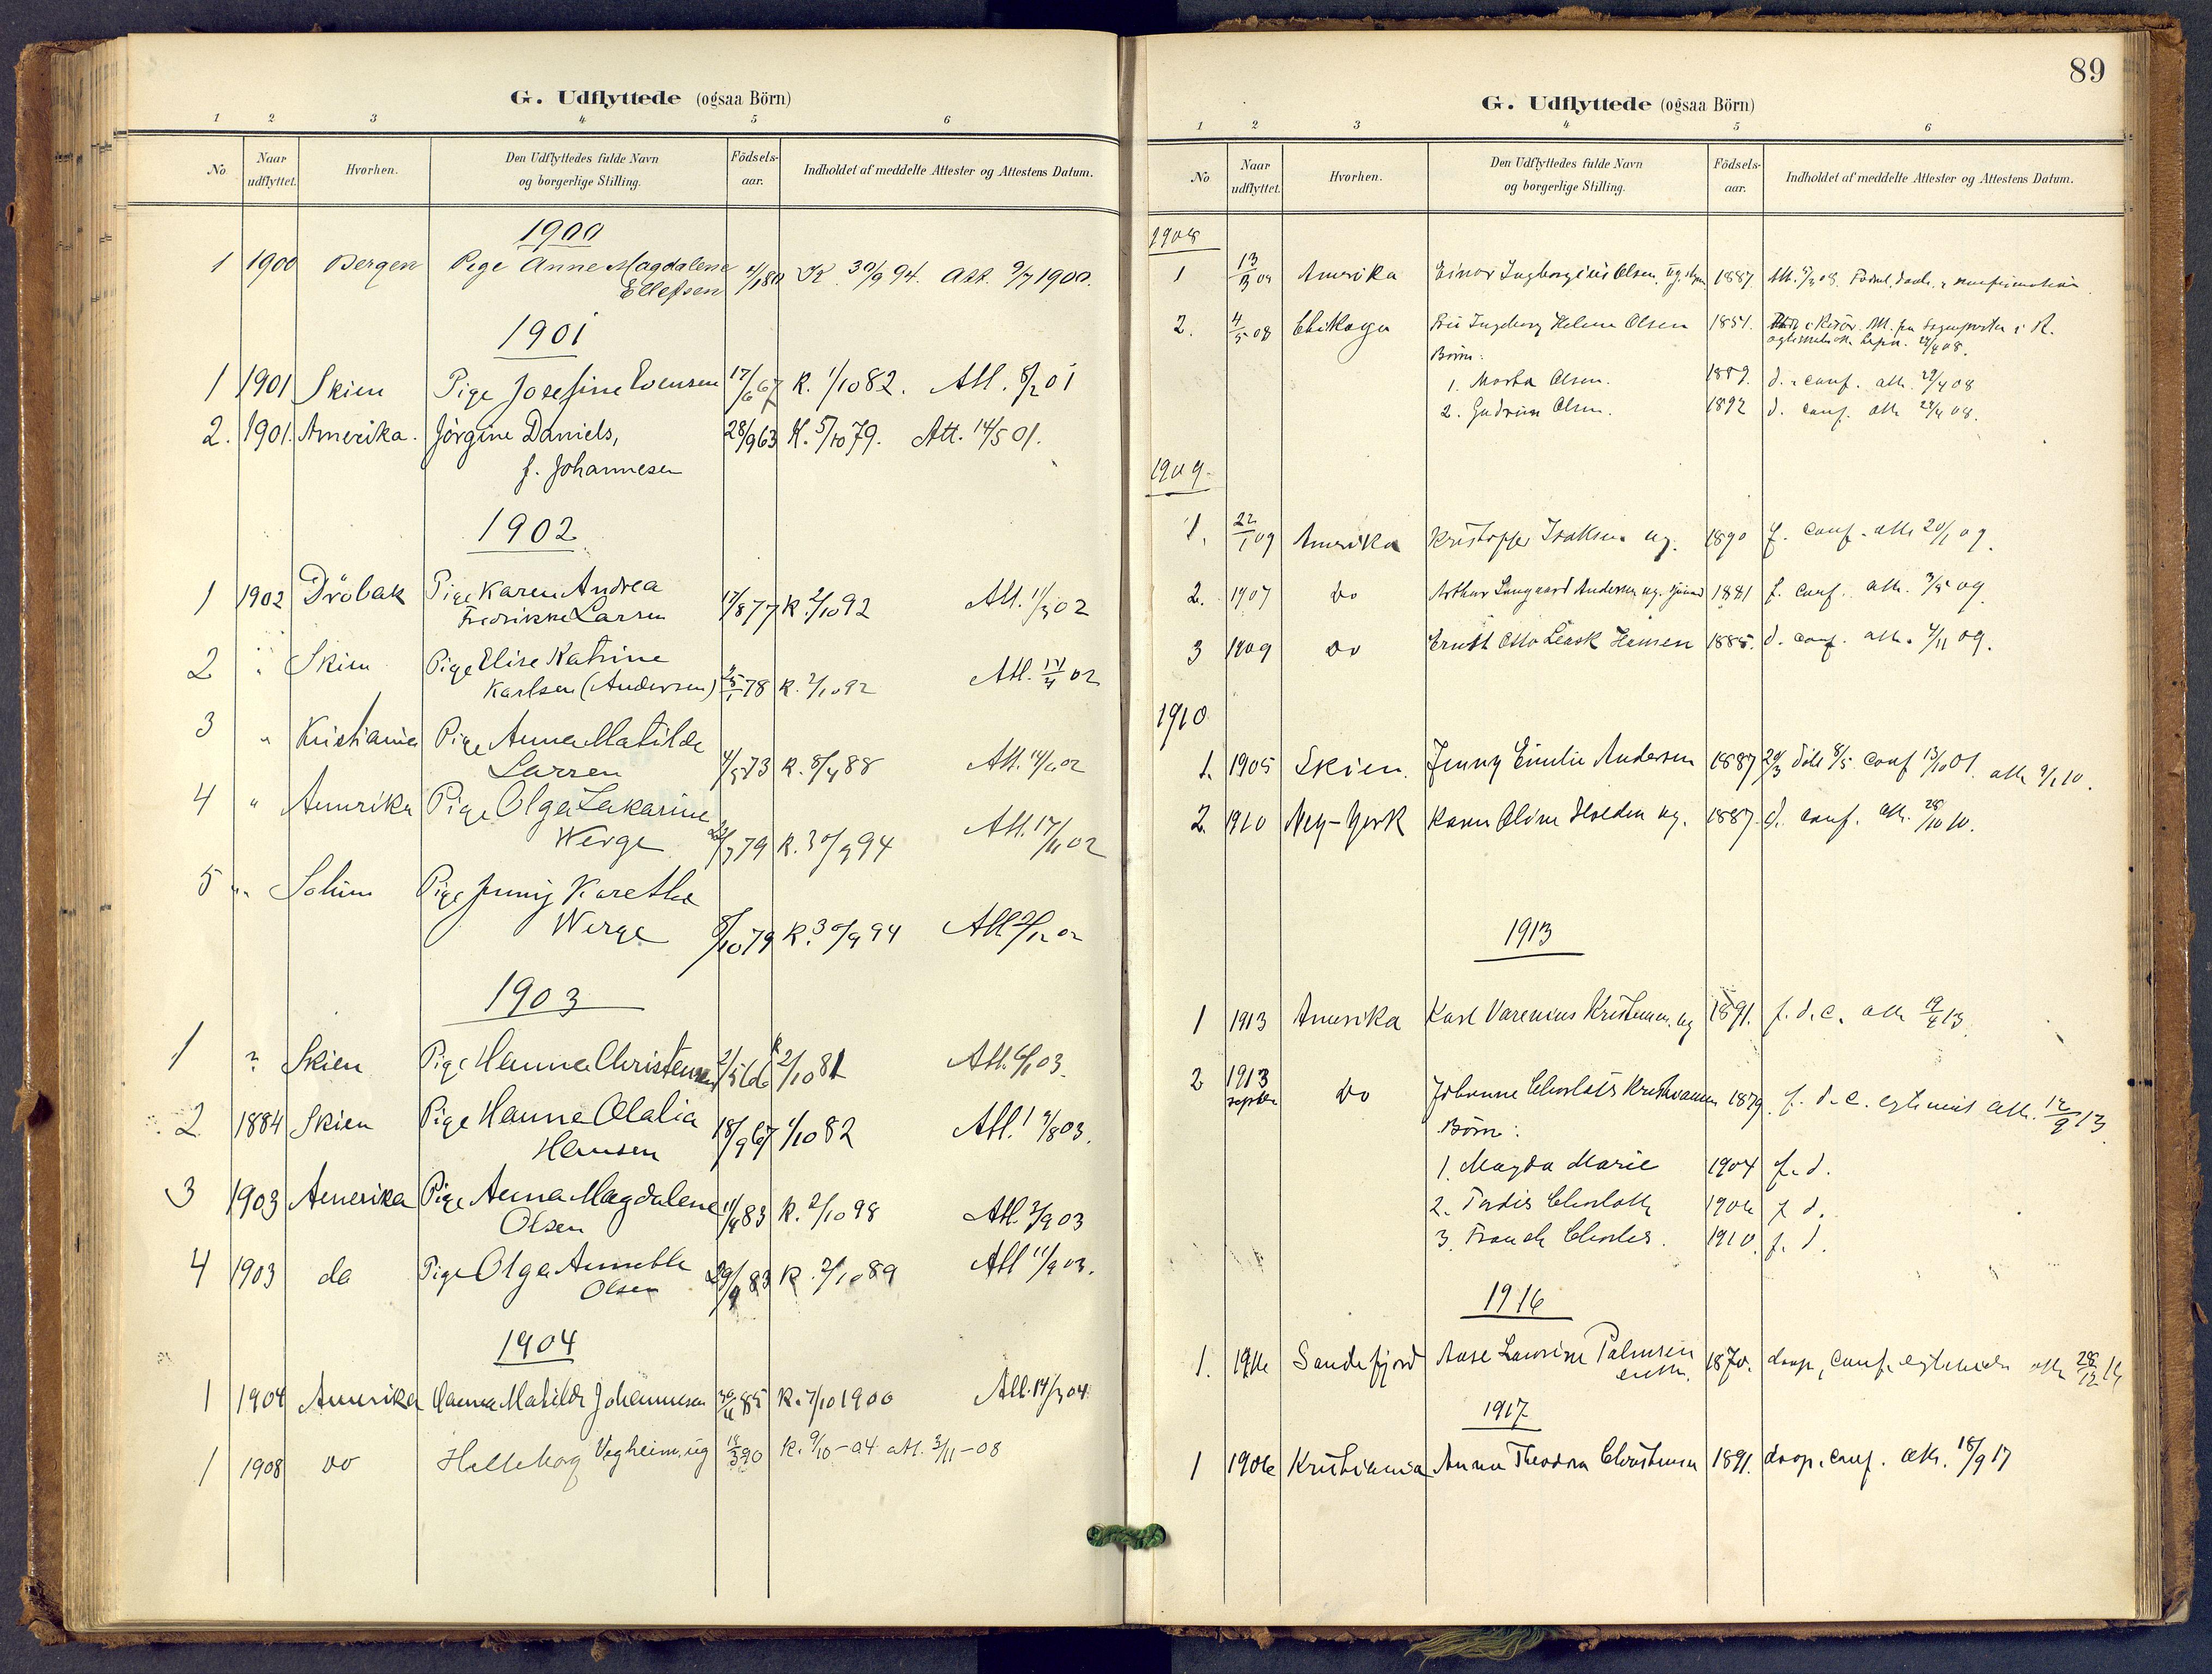 SAKO, Bamble kirkebøker, F/Fb/L0002: Ministerialbok nr. II 2, 1900-1921, s. 89